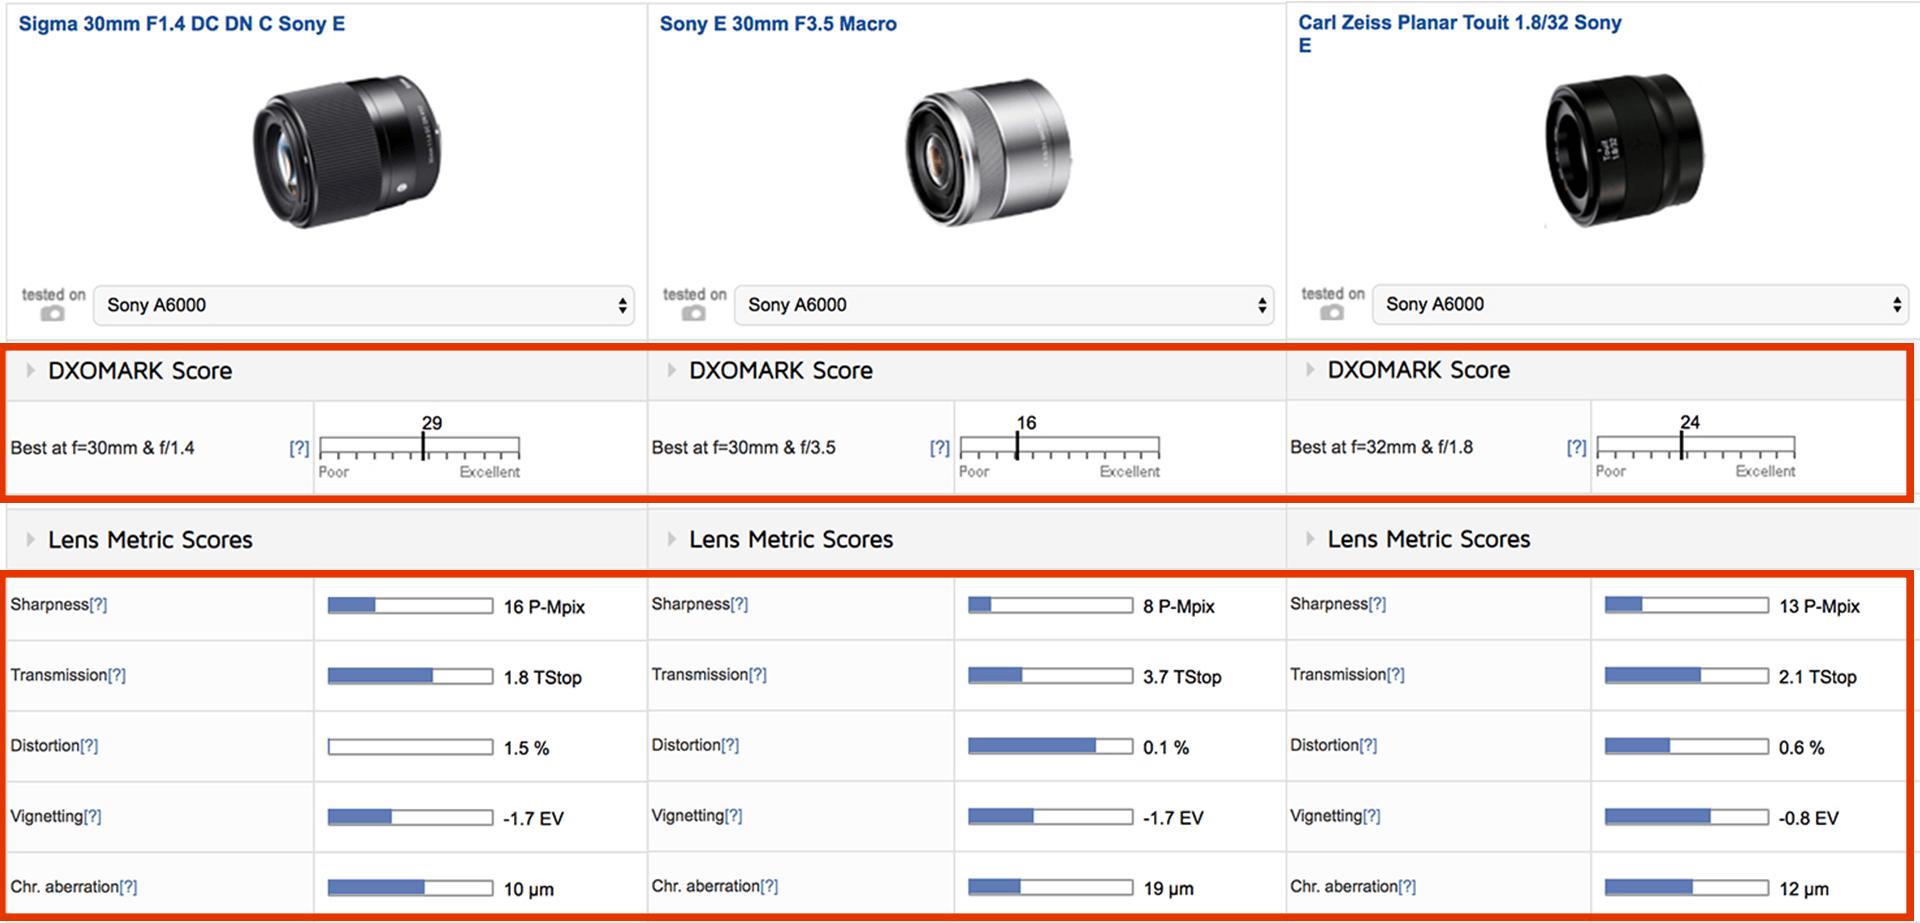 SIGMA 30mm F1.4 DC DN_比較2